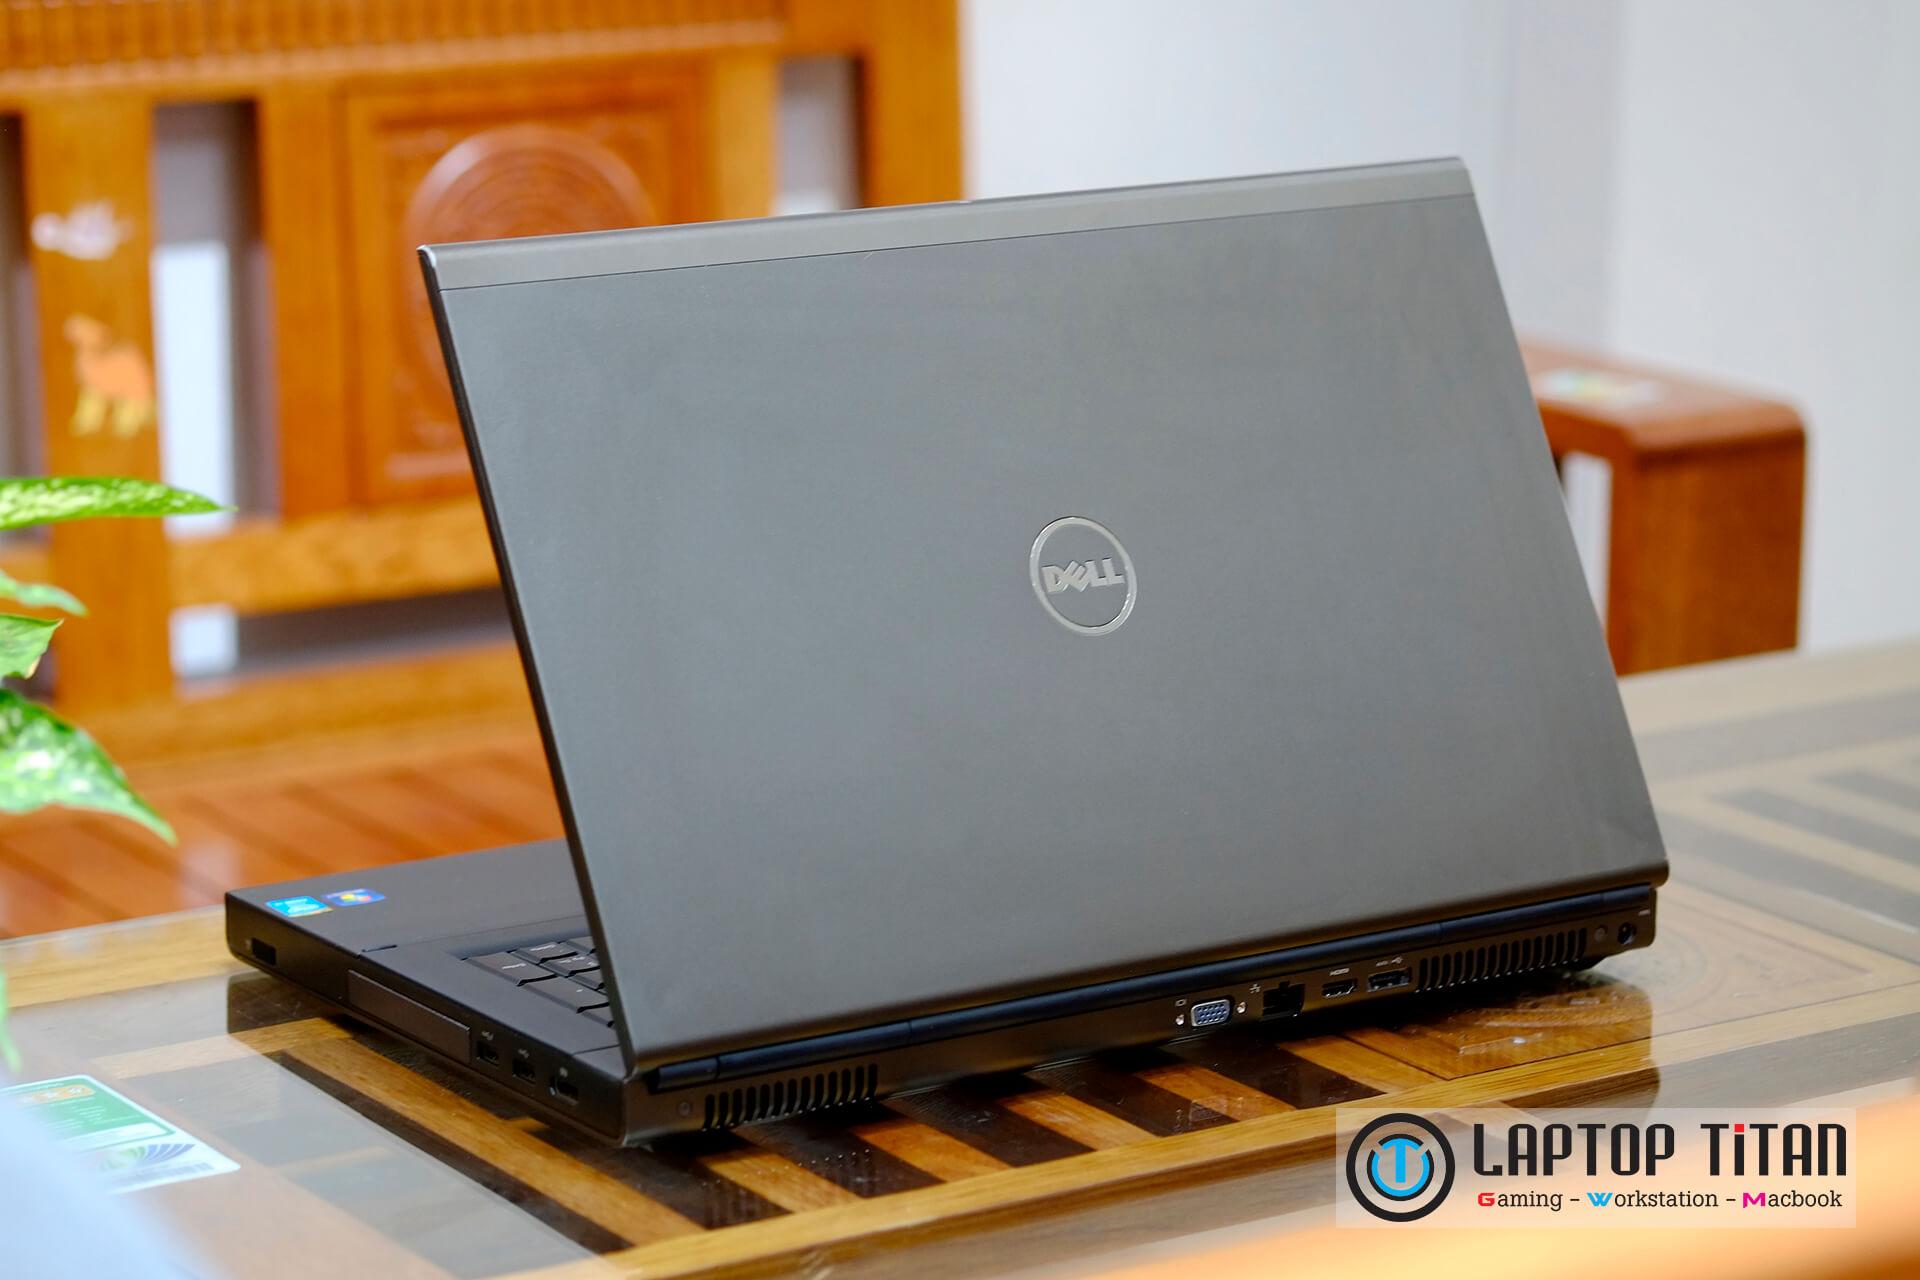 Dell Precision M6800 5